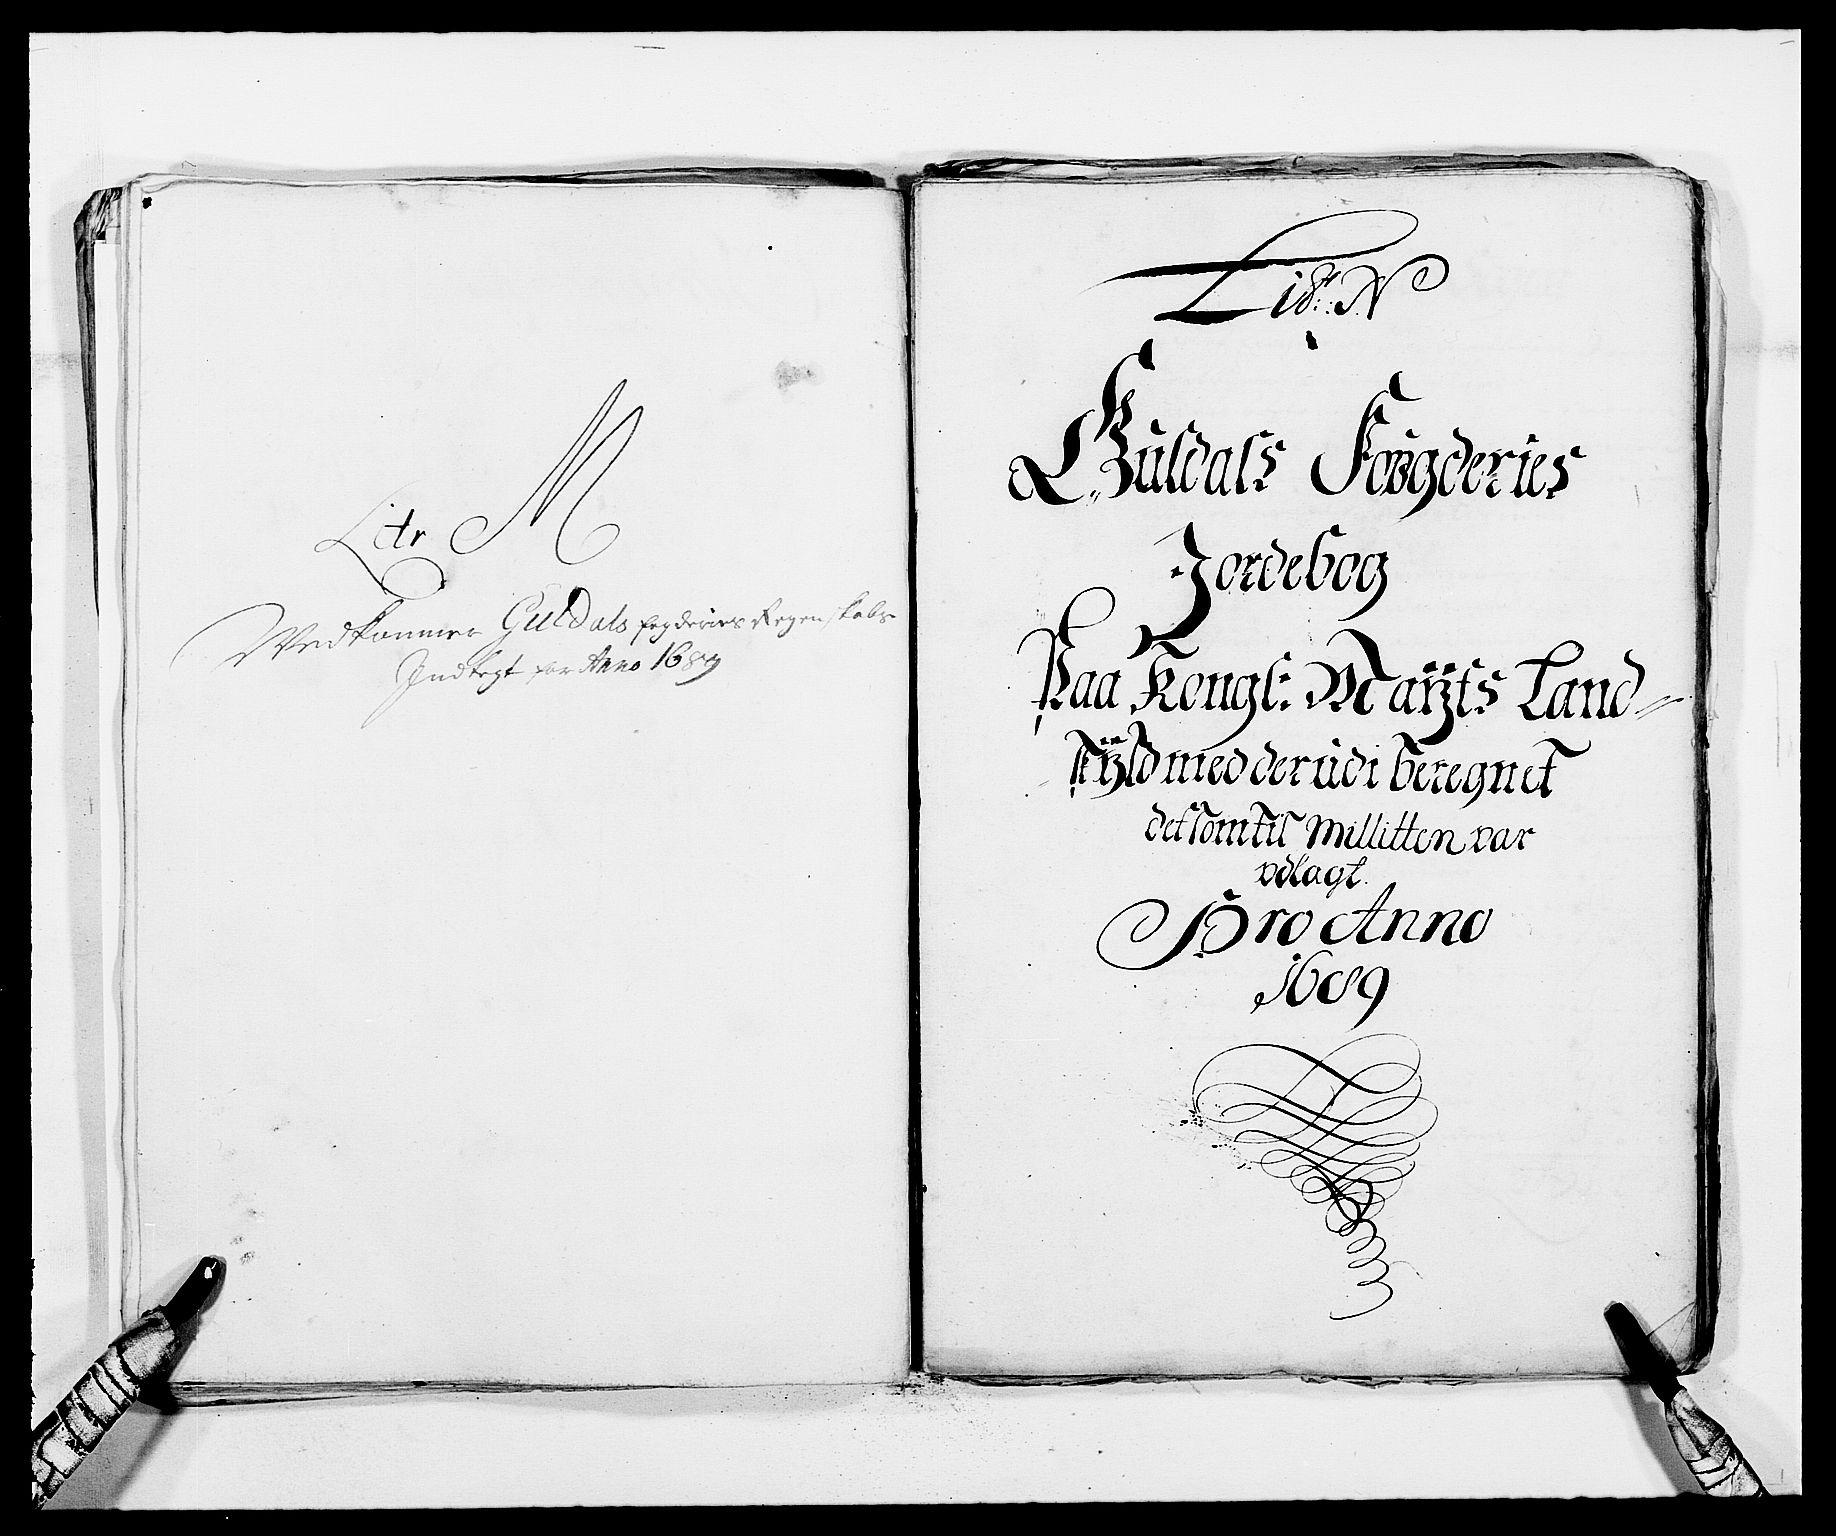 RA, Rentekammeret inntil 1814, Reviderte regnskaper, Fogderegnskap, R59/L3940: Fogderegnskap Gauldal, 1689-1690, s. 130